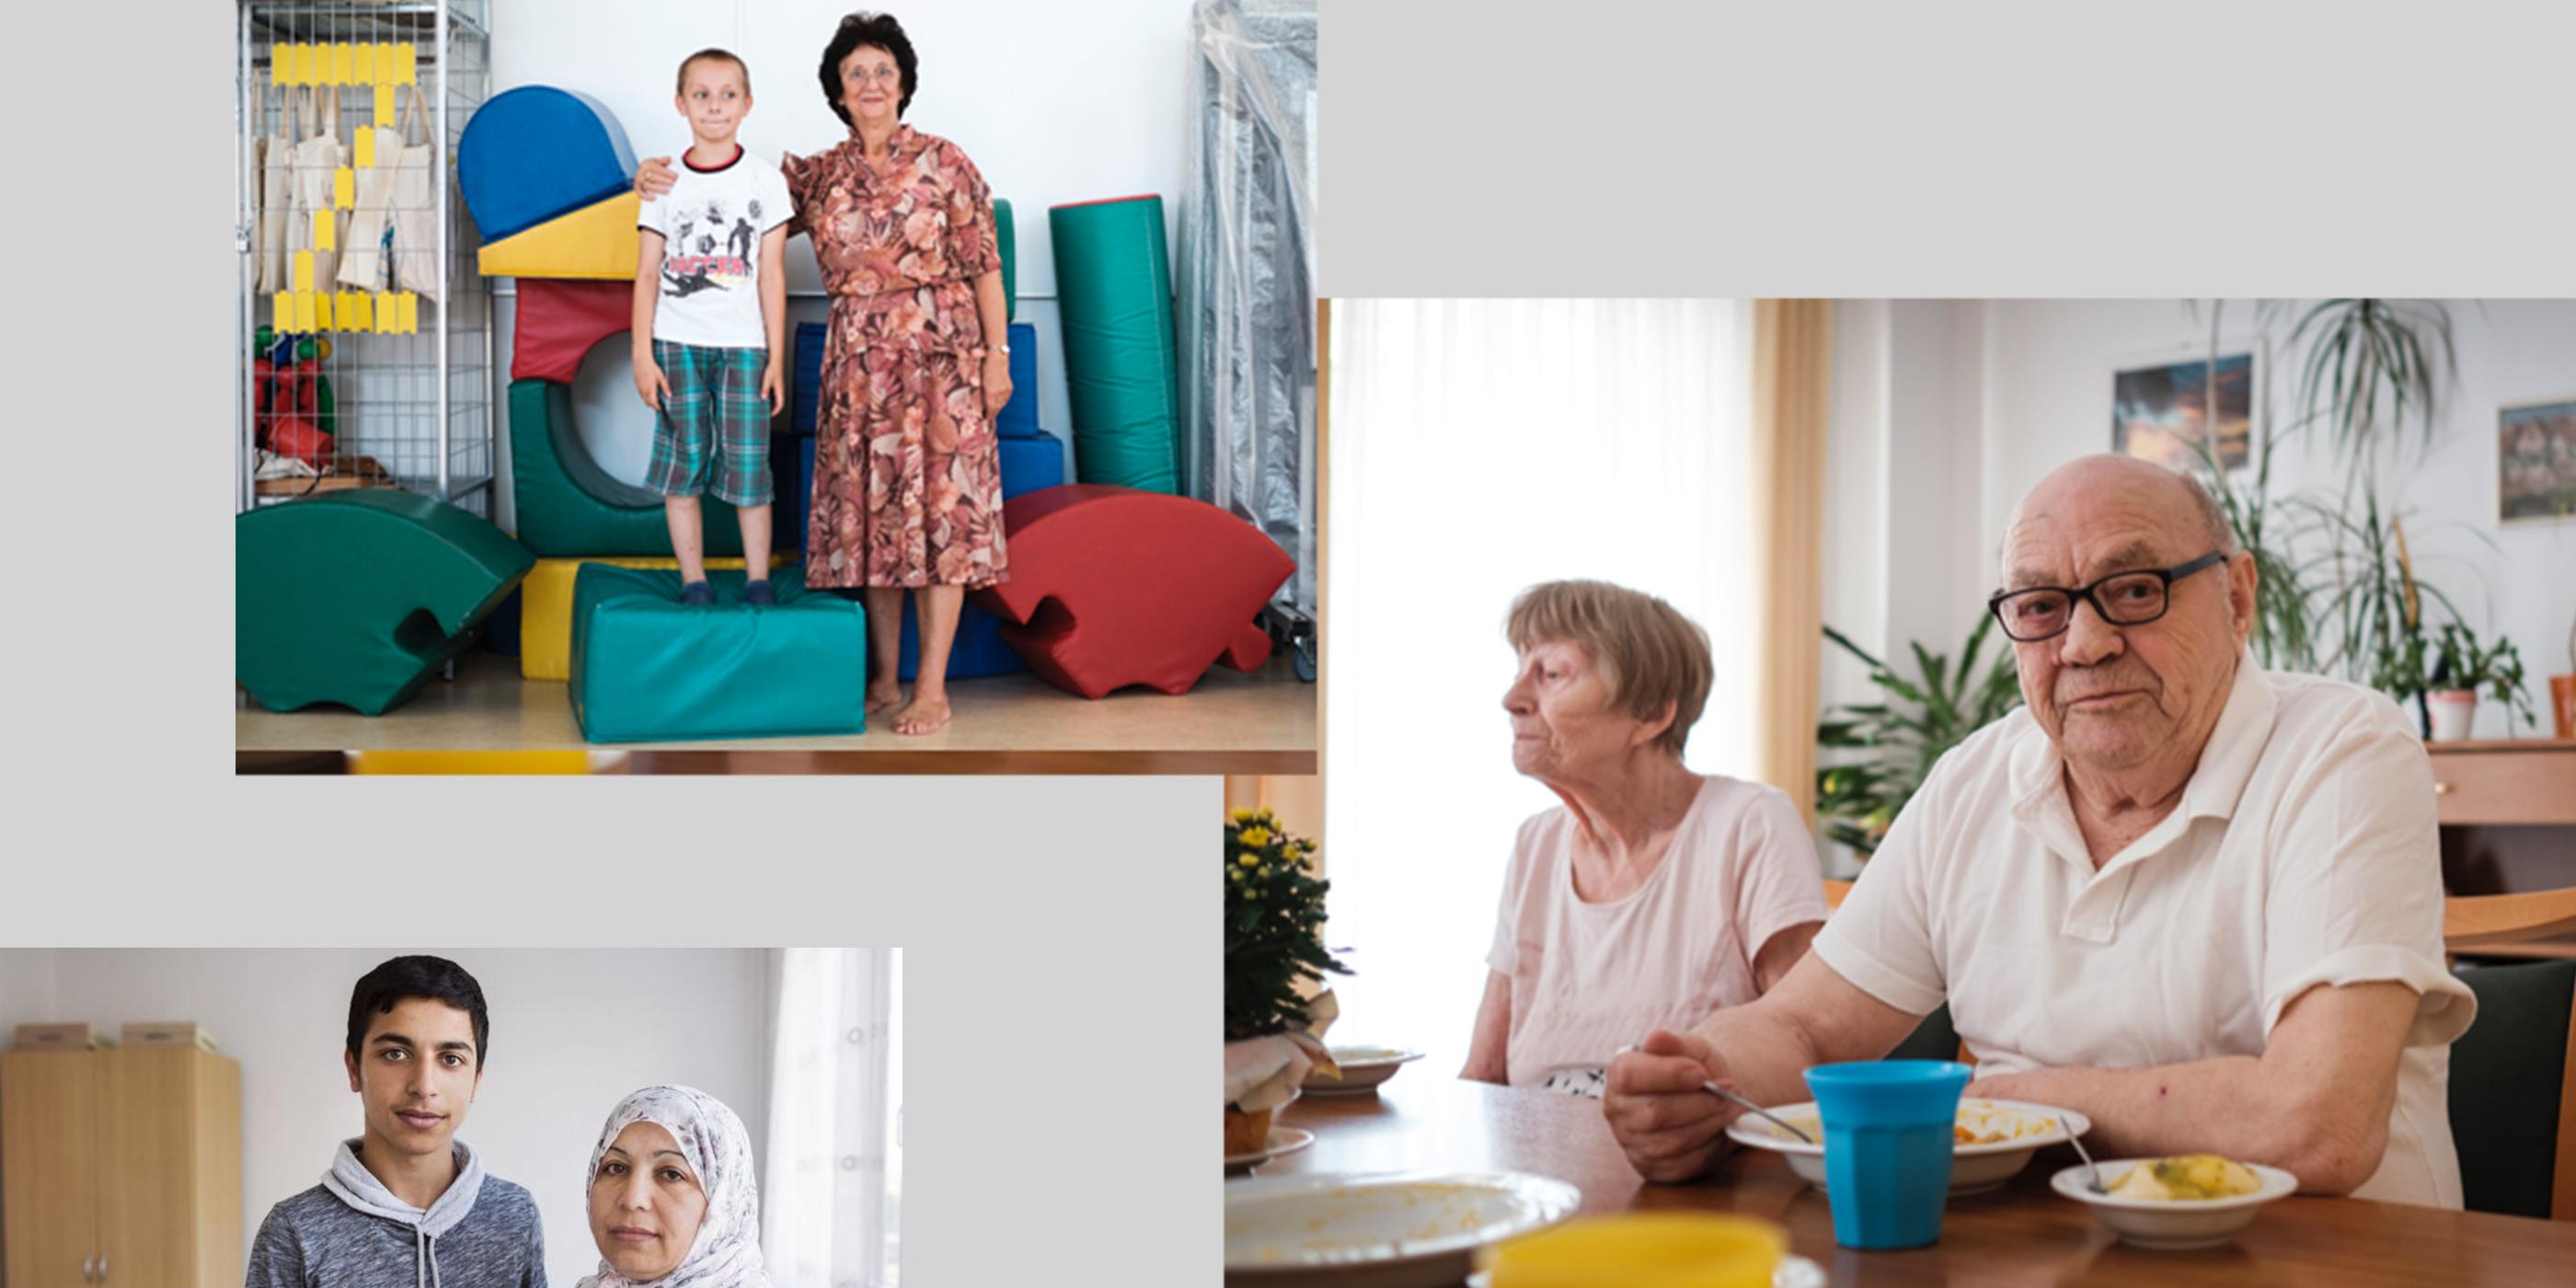 Drei Fotos mit jeweils zwei Personen in unterschiedlichen Lebenssituationen